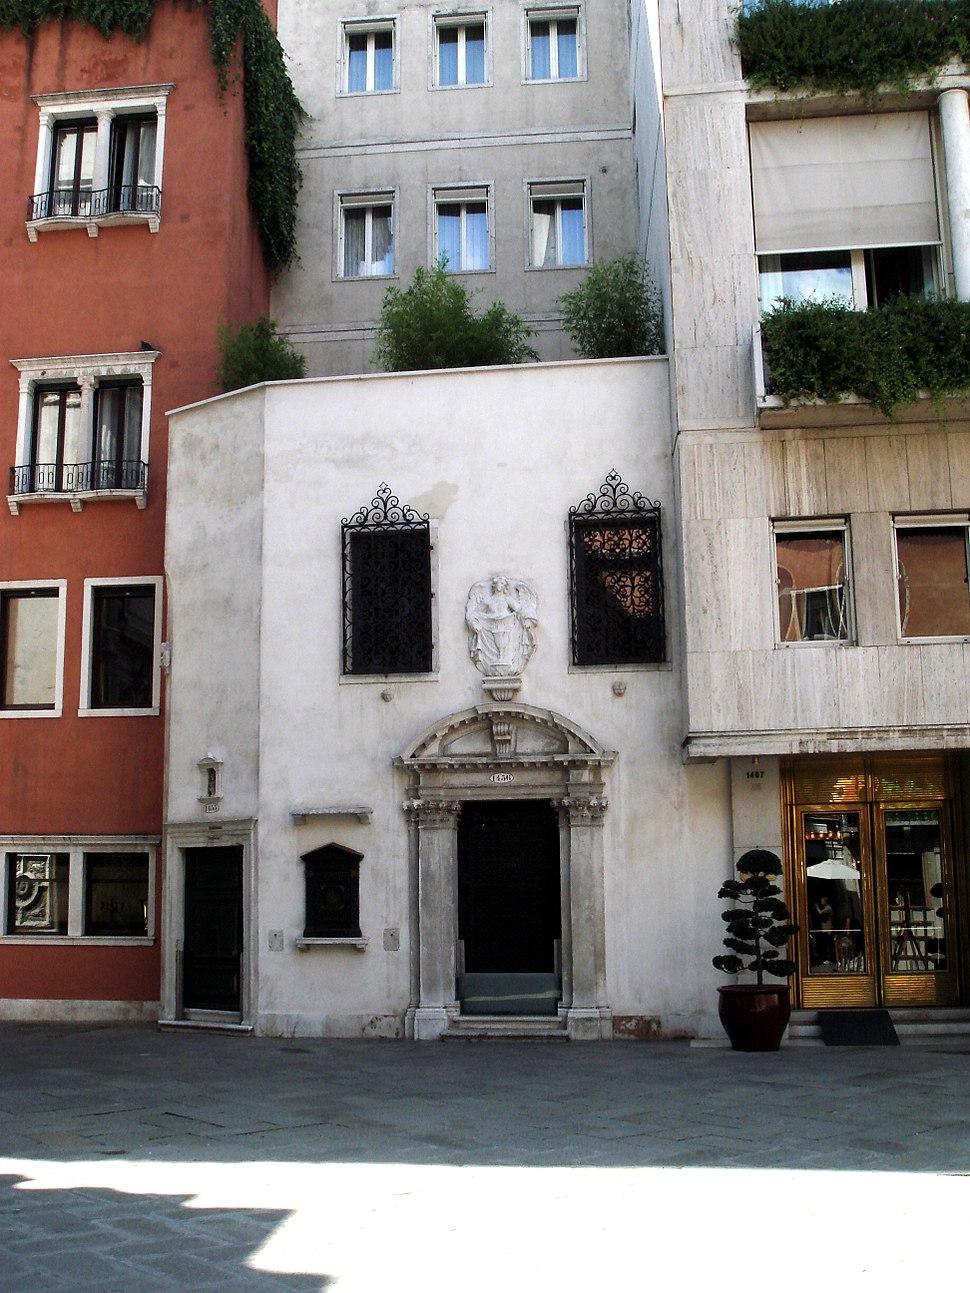 8197 - Venezia - Scola dei fabbri in p.zza San Moisè (sec. XVI) - Foto Giovanni Dall'Orto, 8-Aug-2007